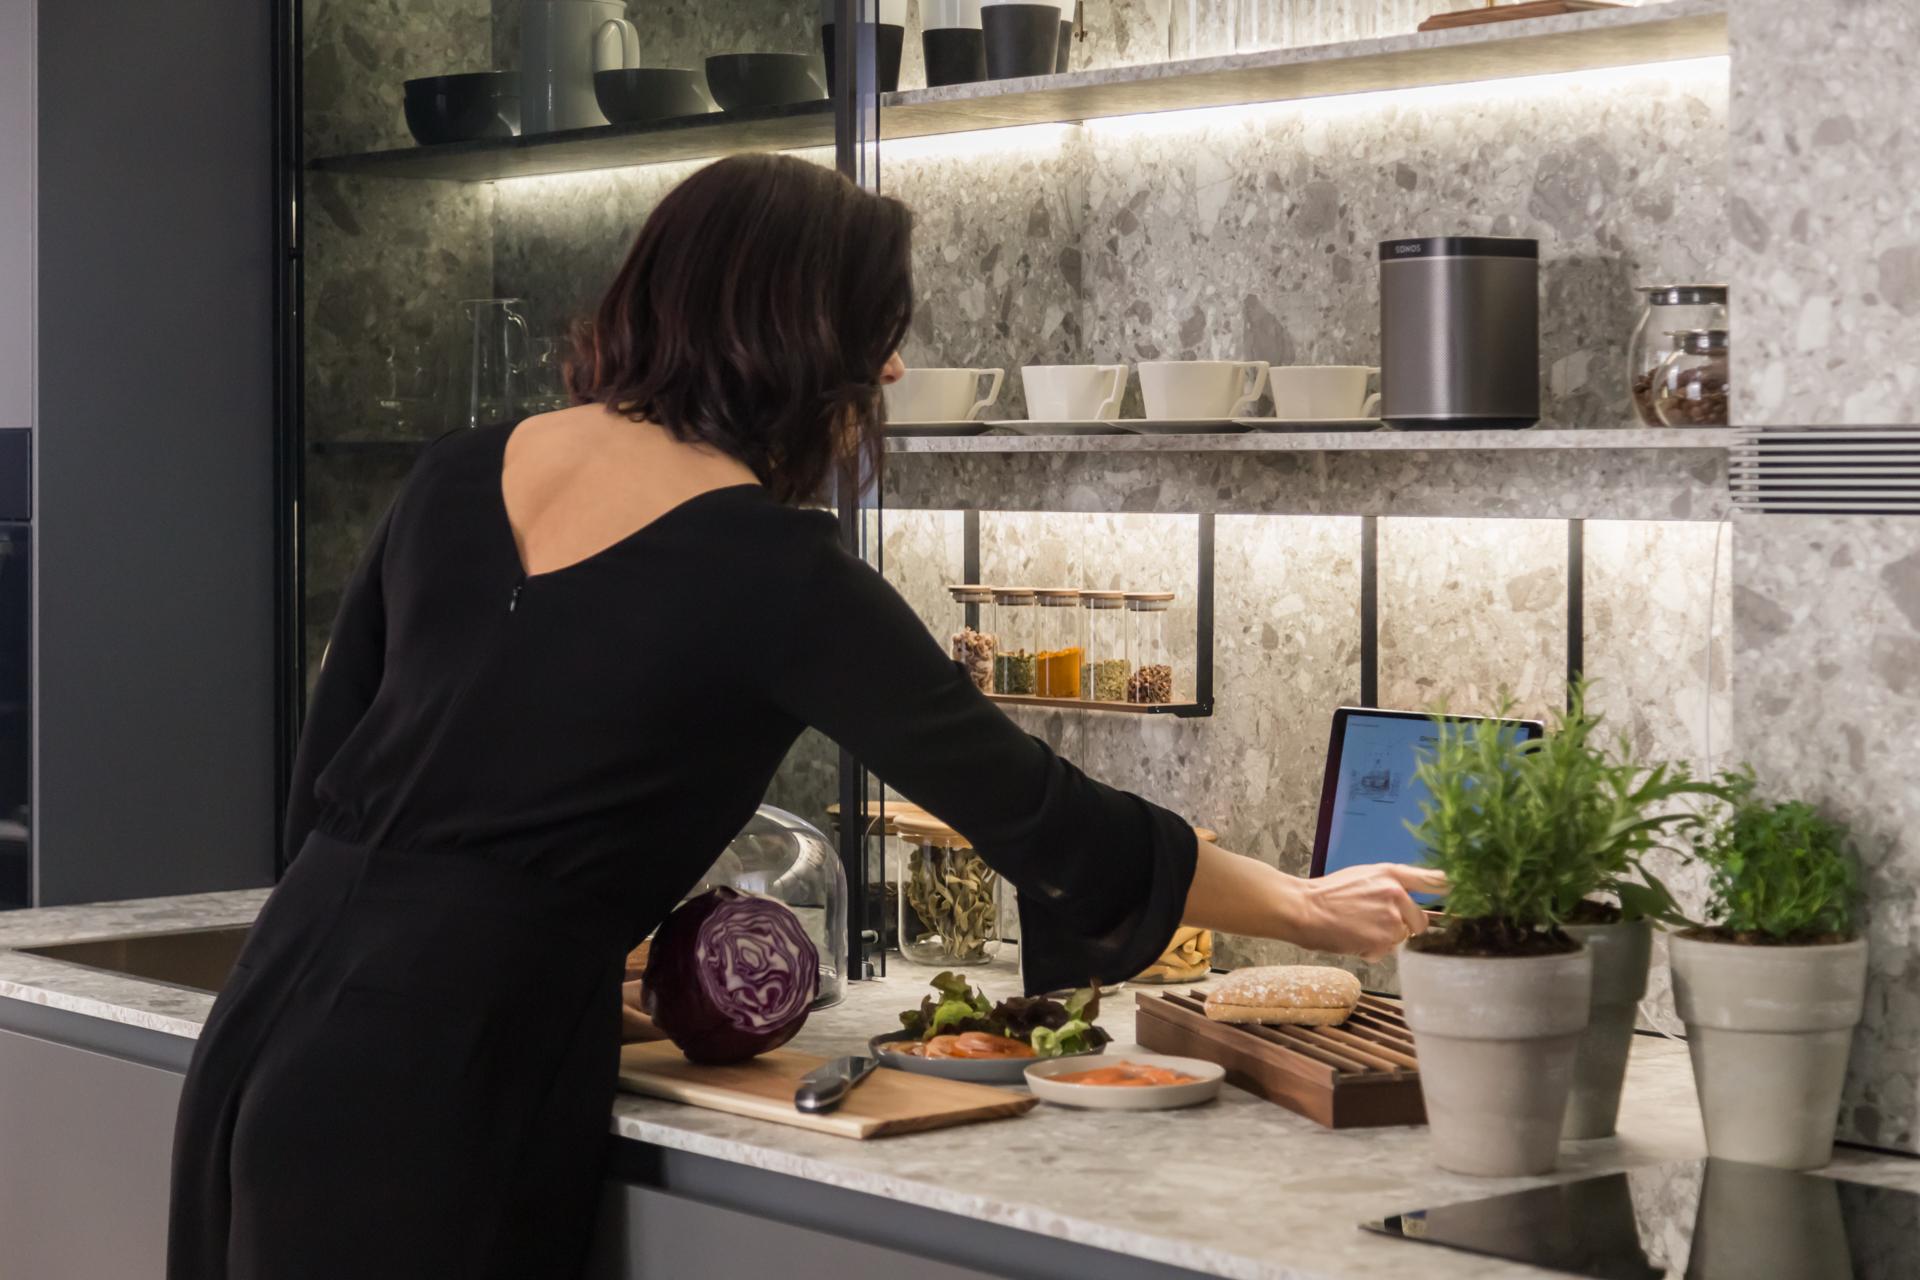 cocina-como-zona-de-entretenimiento-y-relax-santiago-interiores